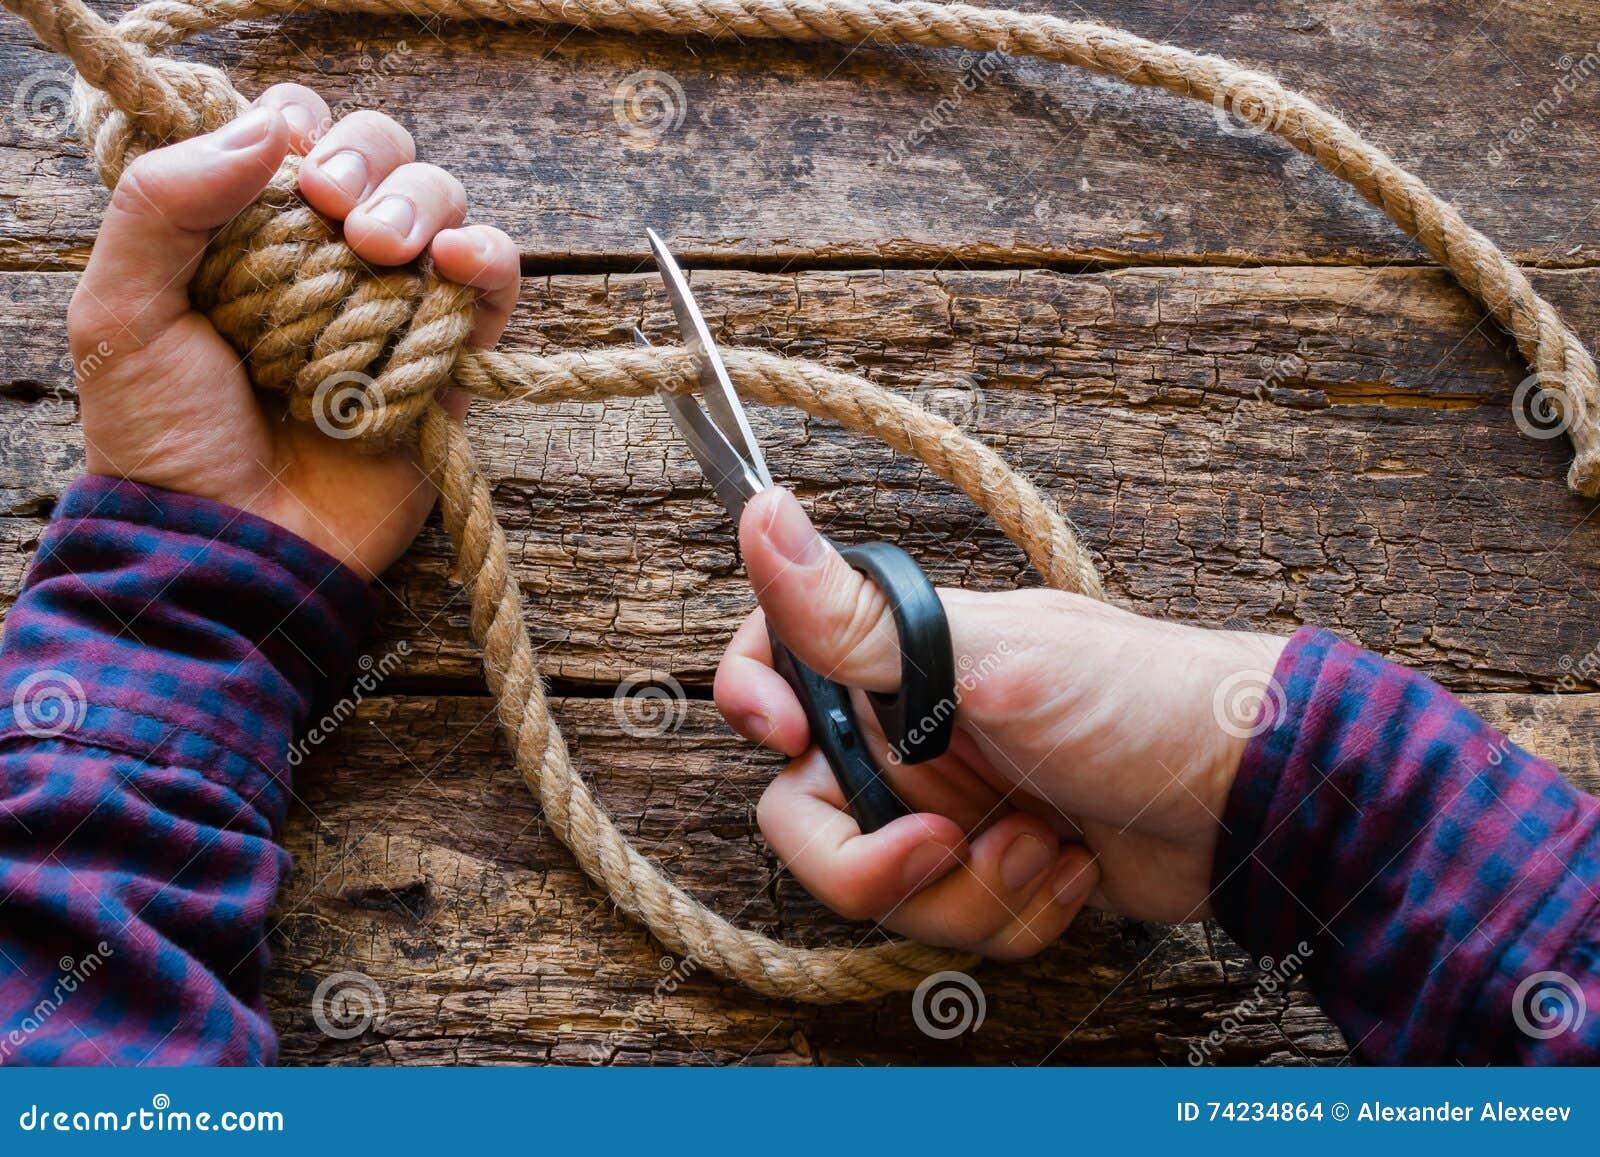 O homem cortou a corda com um nó corrediço